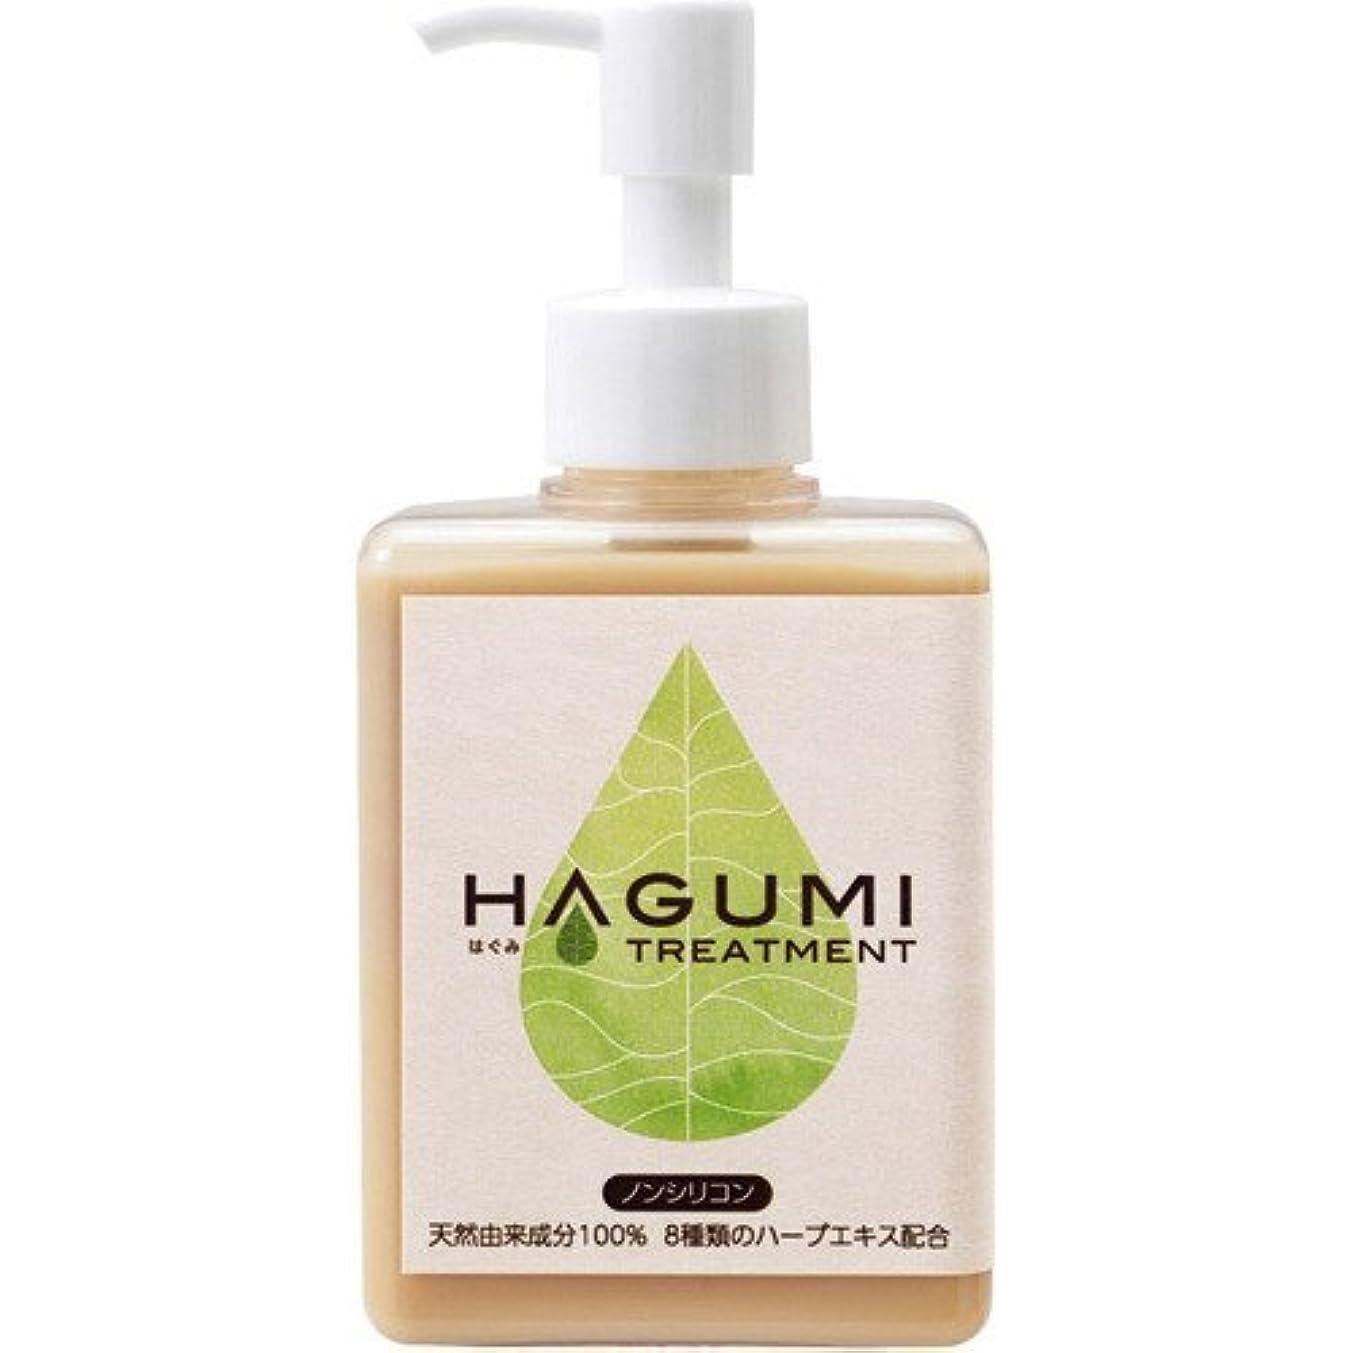 首面白い防腐剤HAGUMI(ハグミ) トリートメント 200ml